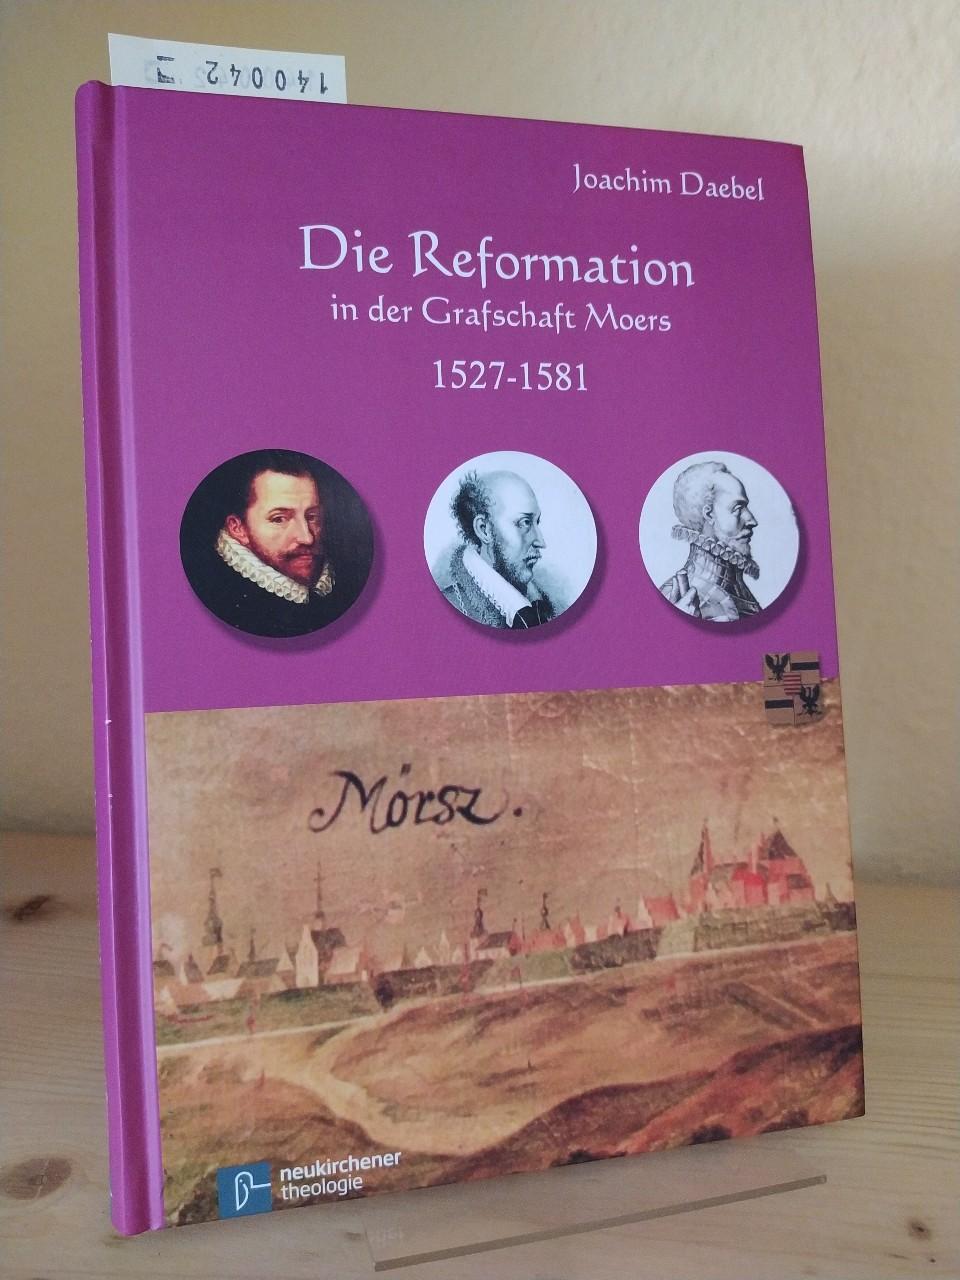 Die Reformation in der Grafschaft Moers 1527-1581. Jubiläumsschrift zur offiziellen Einführung der Reformation in der Grafschaft Moers vor 450 Jahren (1561-2011). [Von Joachim Daebel].